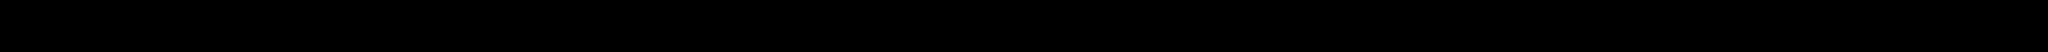 CHAMPION COF100165S, 441.07019.193.6, 441070191936 Olejový filtr